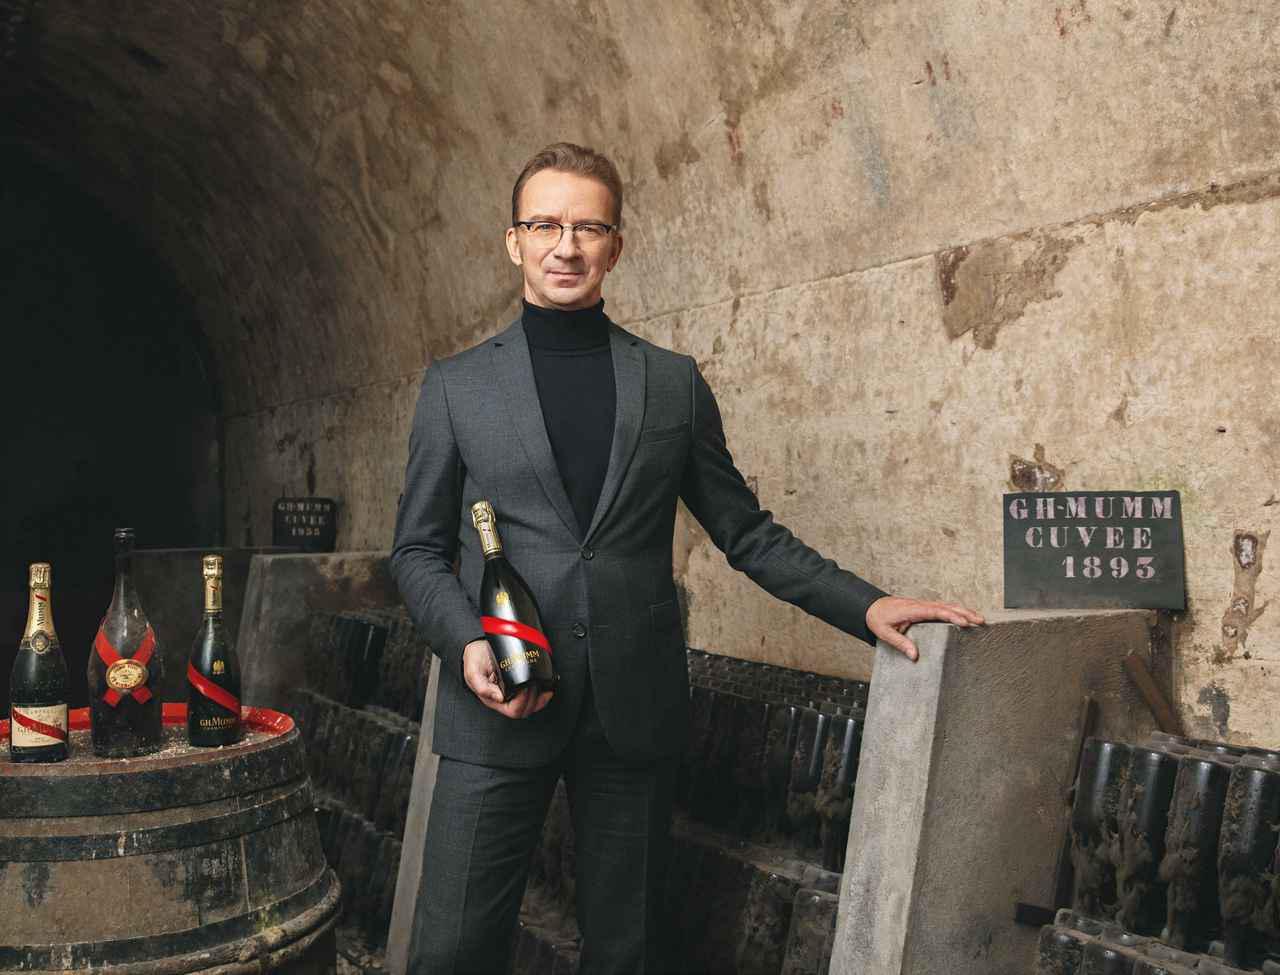 画像: 「メゾン マム」最高醸造責任者にローラン・フレネ氏お披露目テイスティングを開催